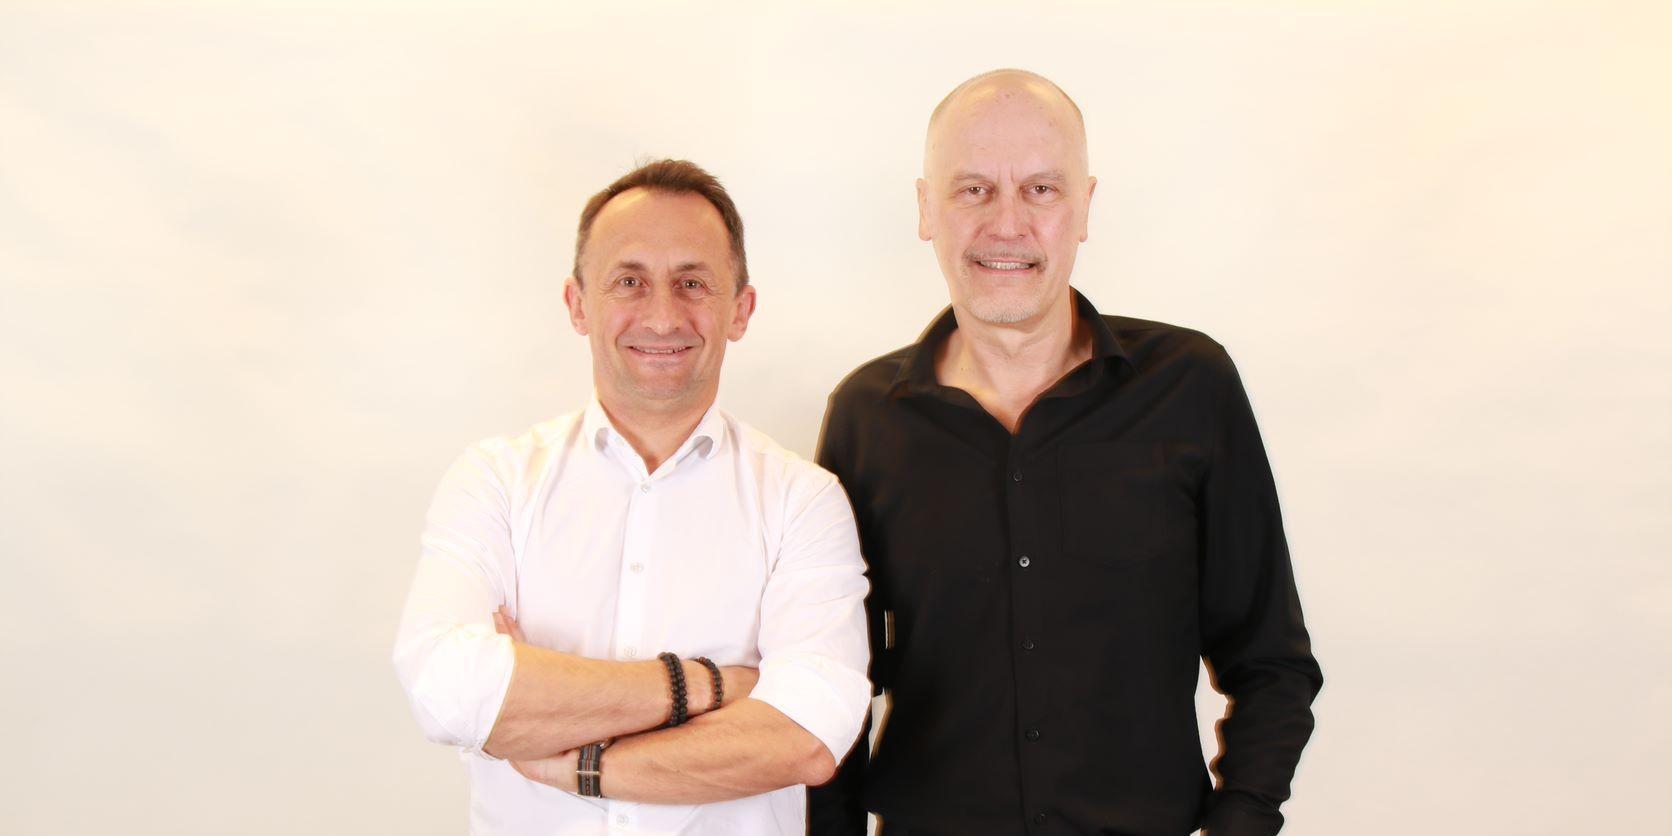 Le fournisseur technologique belge spécialiste de la diffusion de contenu pour le secteur des